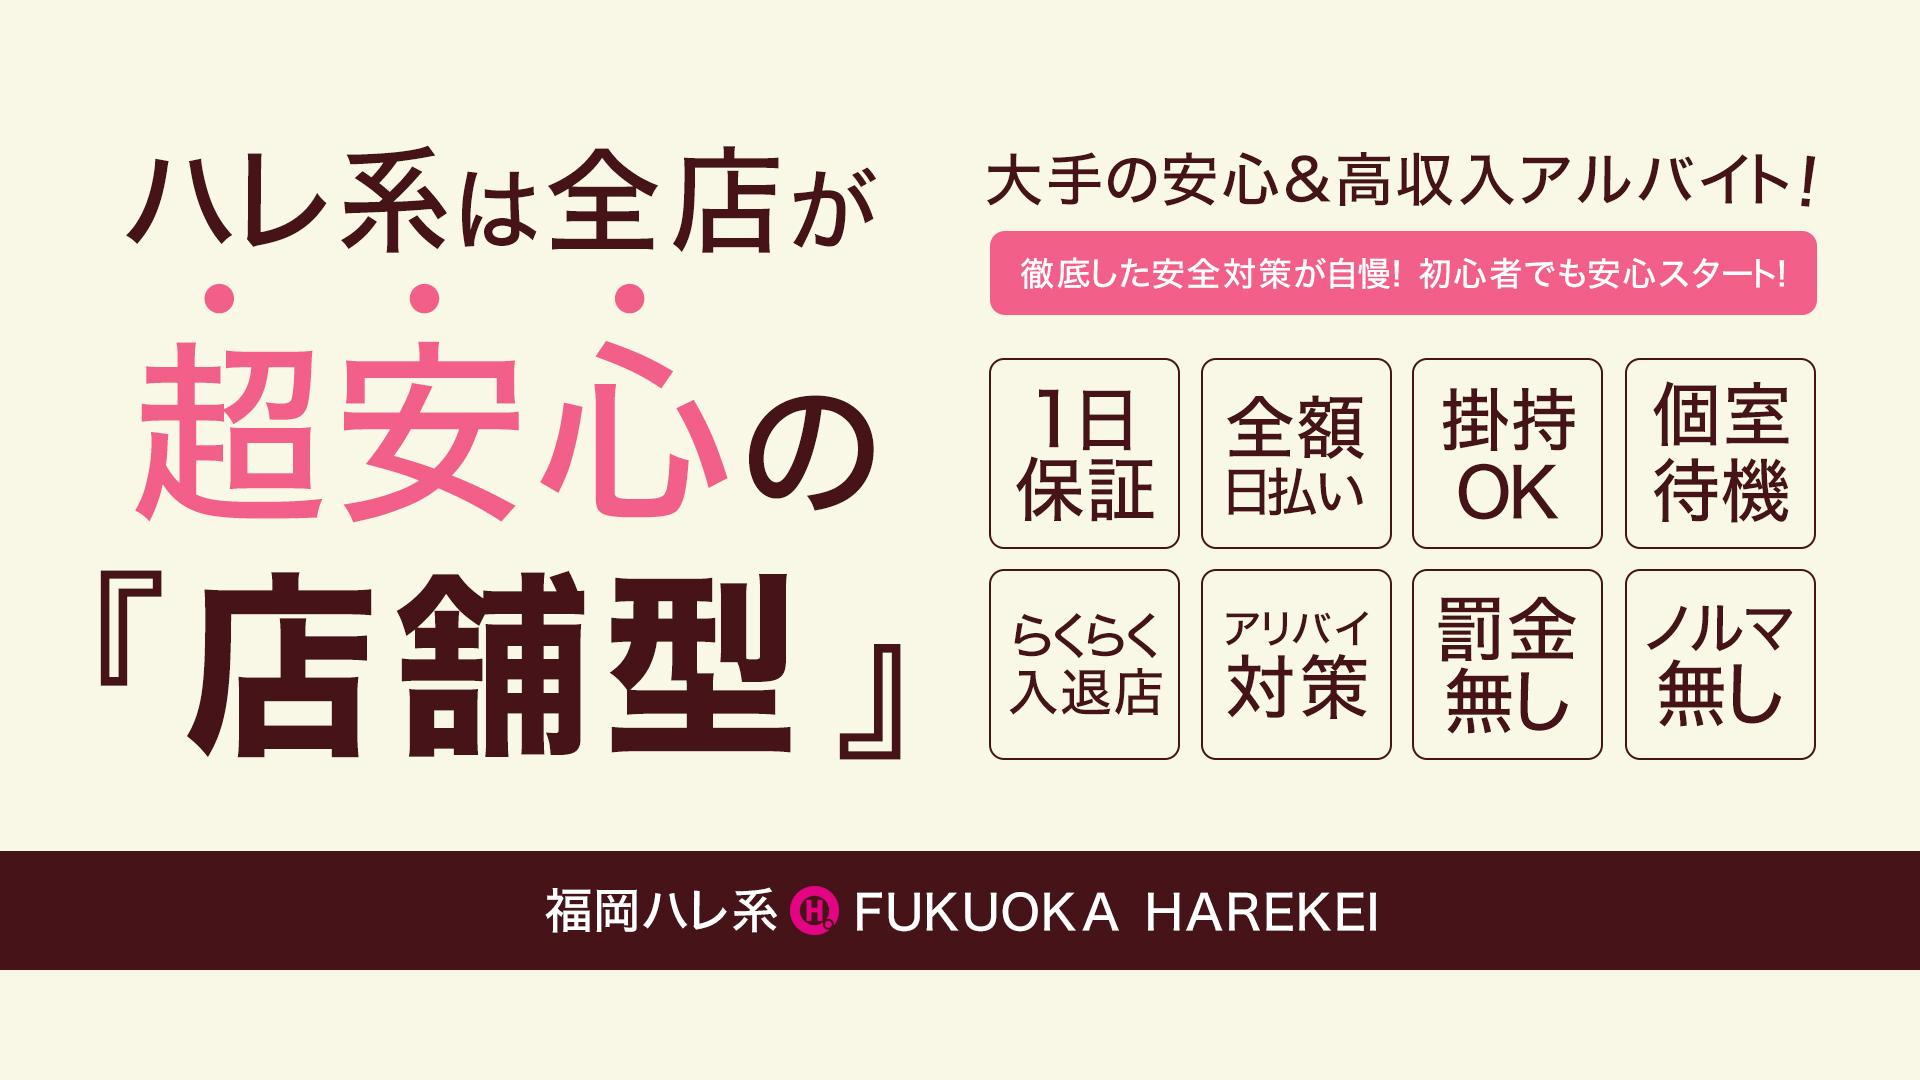 福岡ハレ系の求人画像